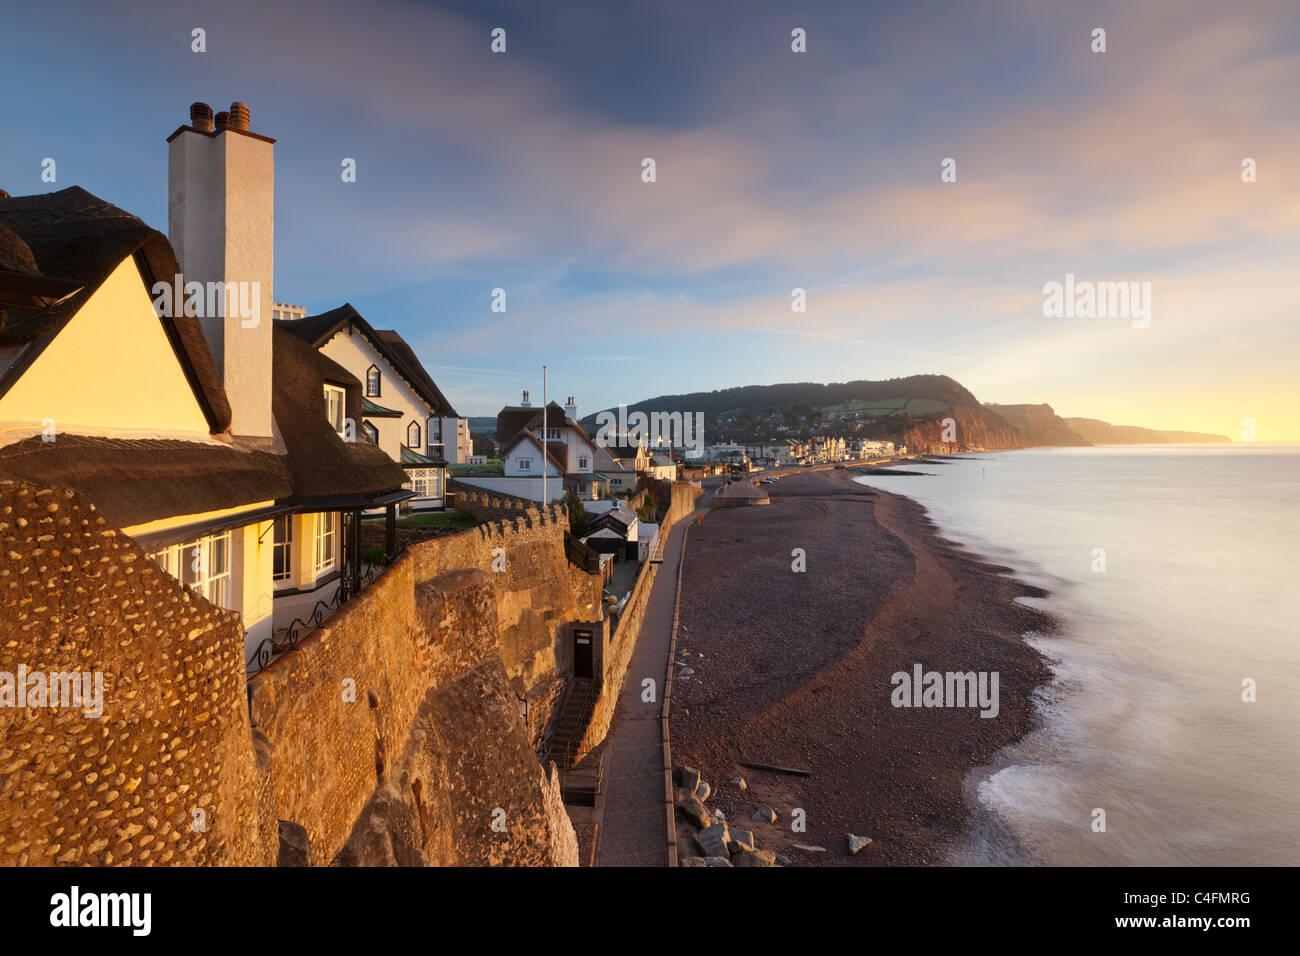 Blick auf Häuser mit Blick auf Sidmouth Strandpromenade, Sidmouth, Devon, England. Winter (Februar) 2011. Stockbild